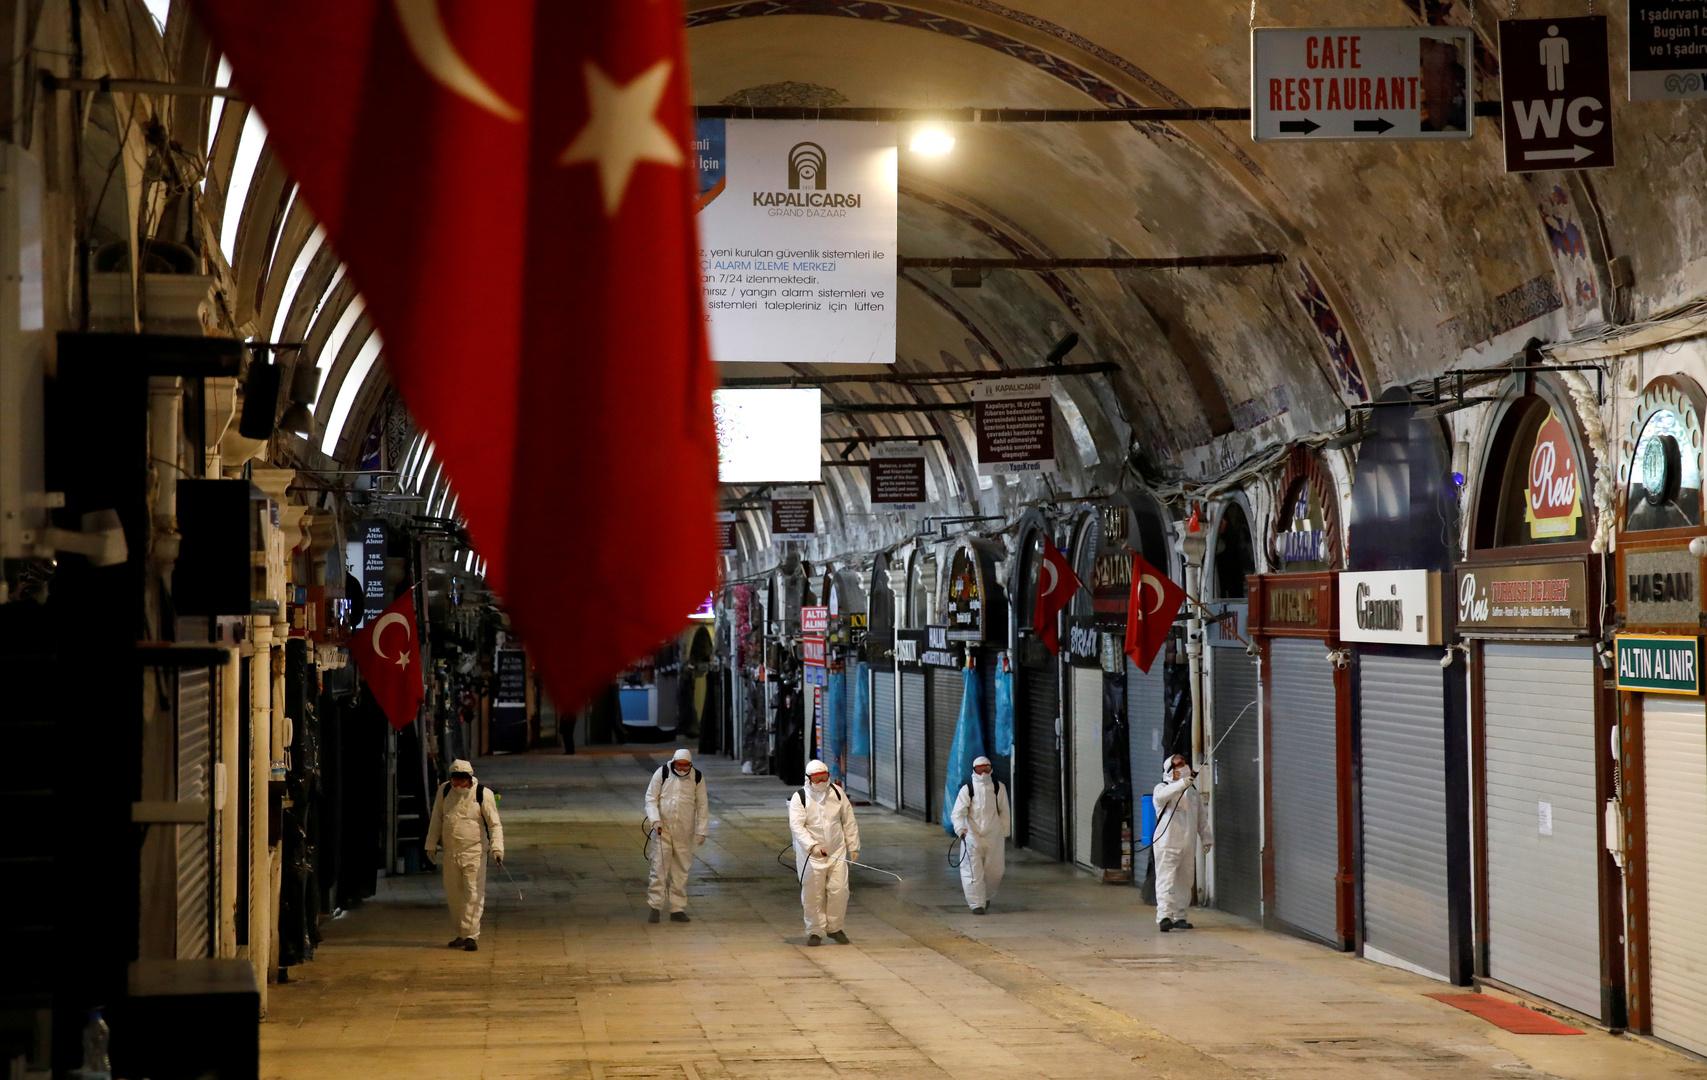 تركيا .. وفيات كورونا تبلغ مستوى قياسيا جديدا